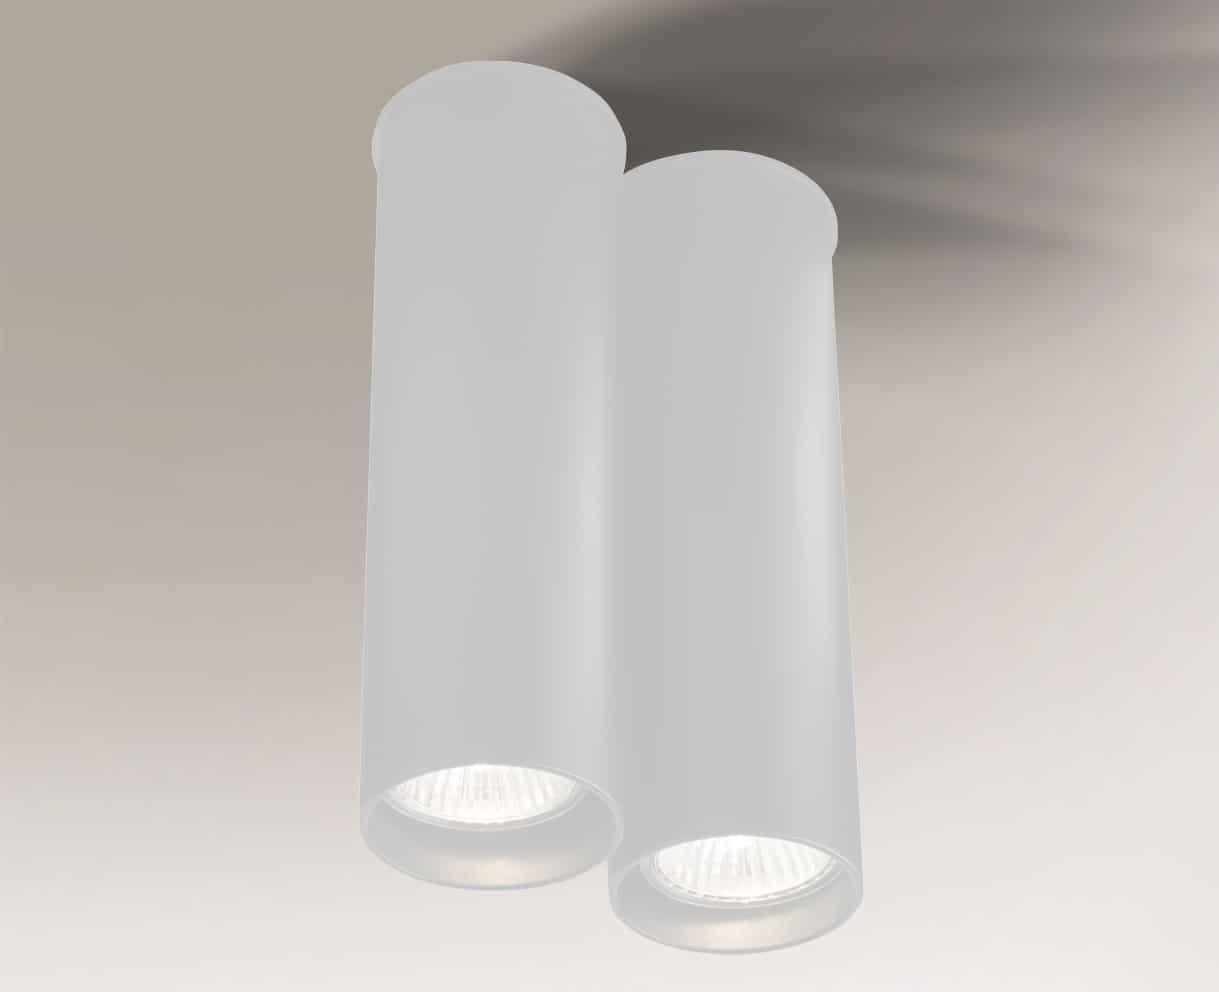 Oprawa natynkowa ARIDA 7012 Shilo biały